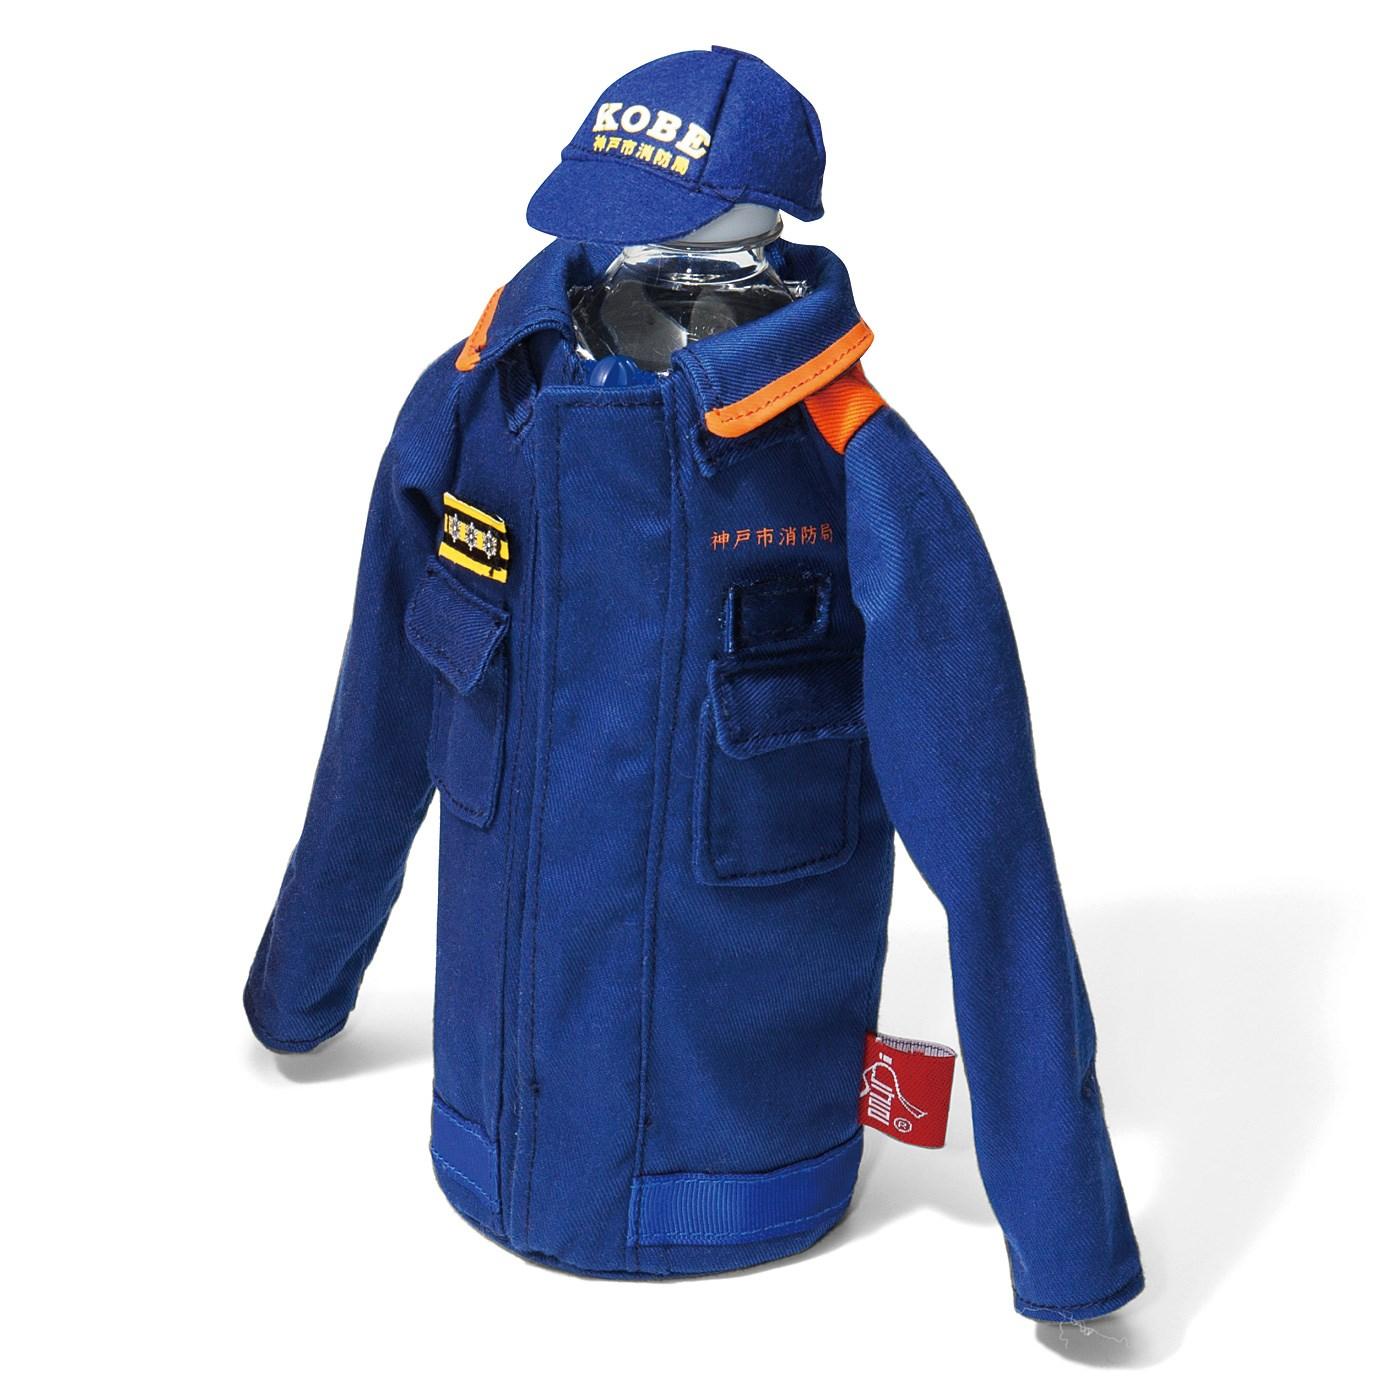 フェリシモ ミュニデ(R)デザインは手をつなぐ! ペットボトルホルダー 「神戸市消防局モデル 活動服(ブルー)」